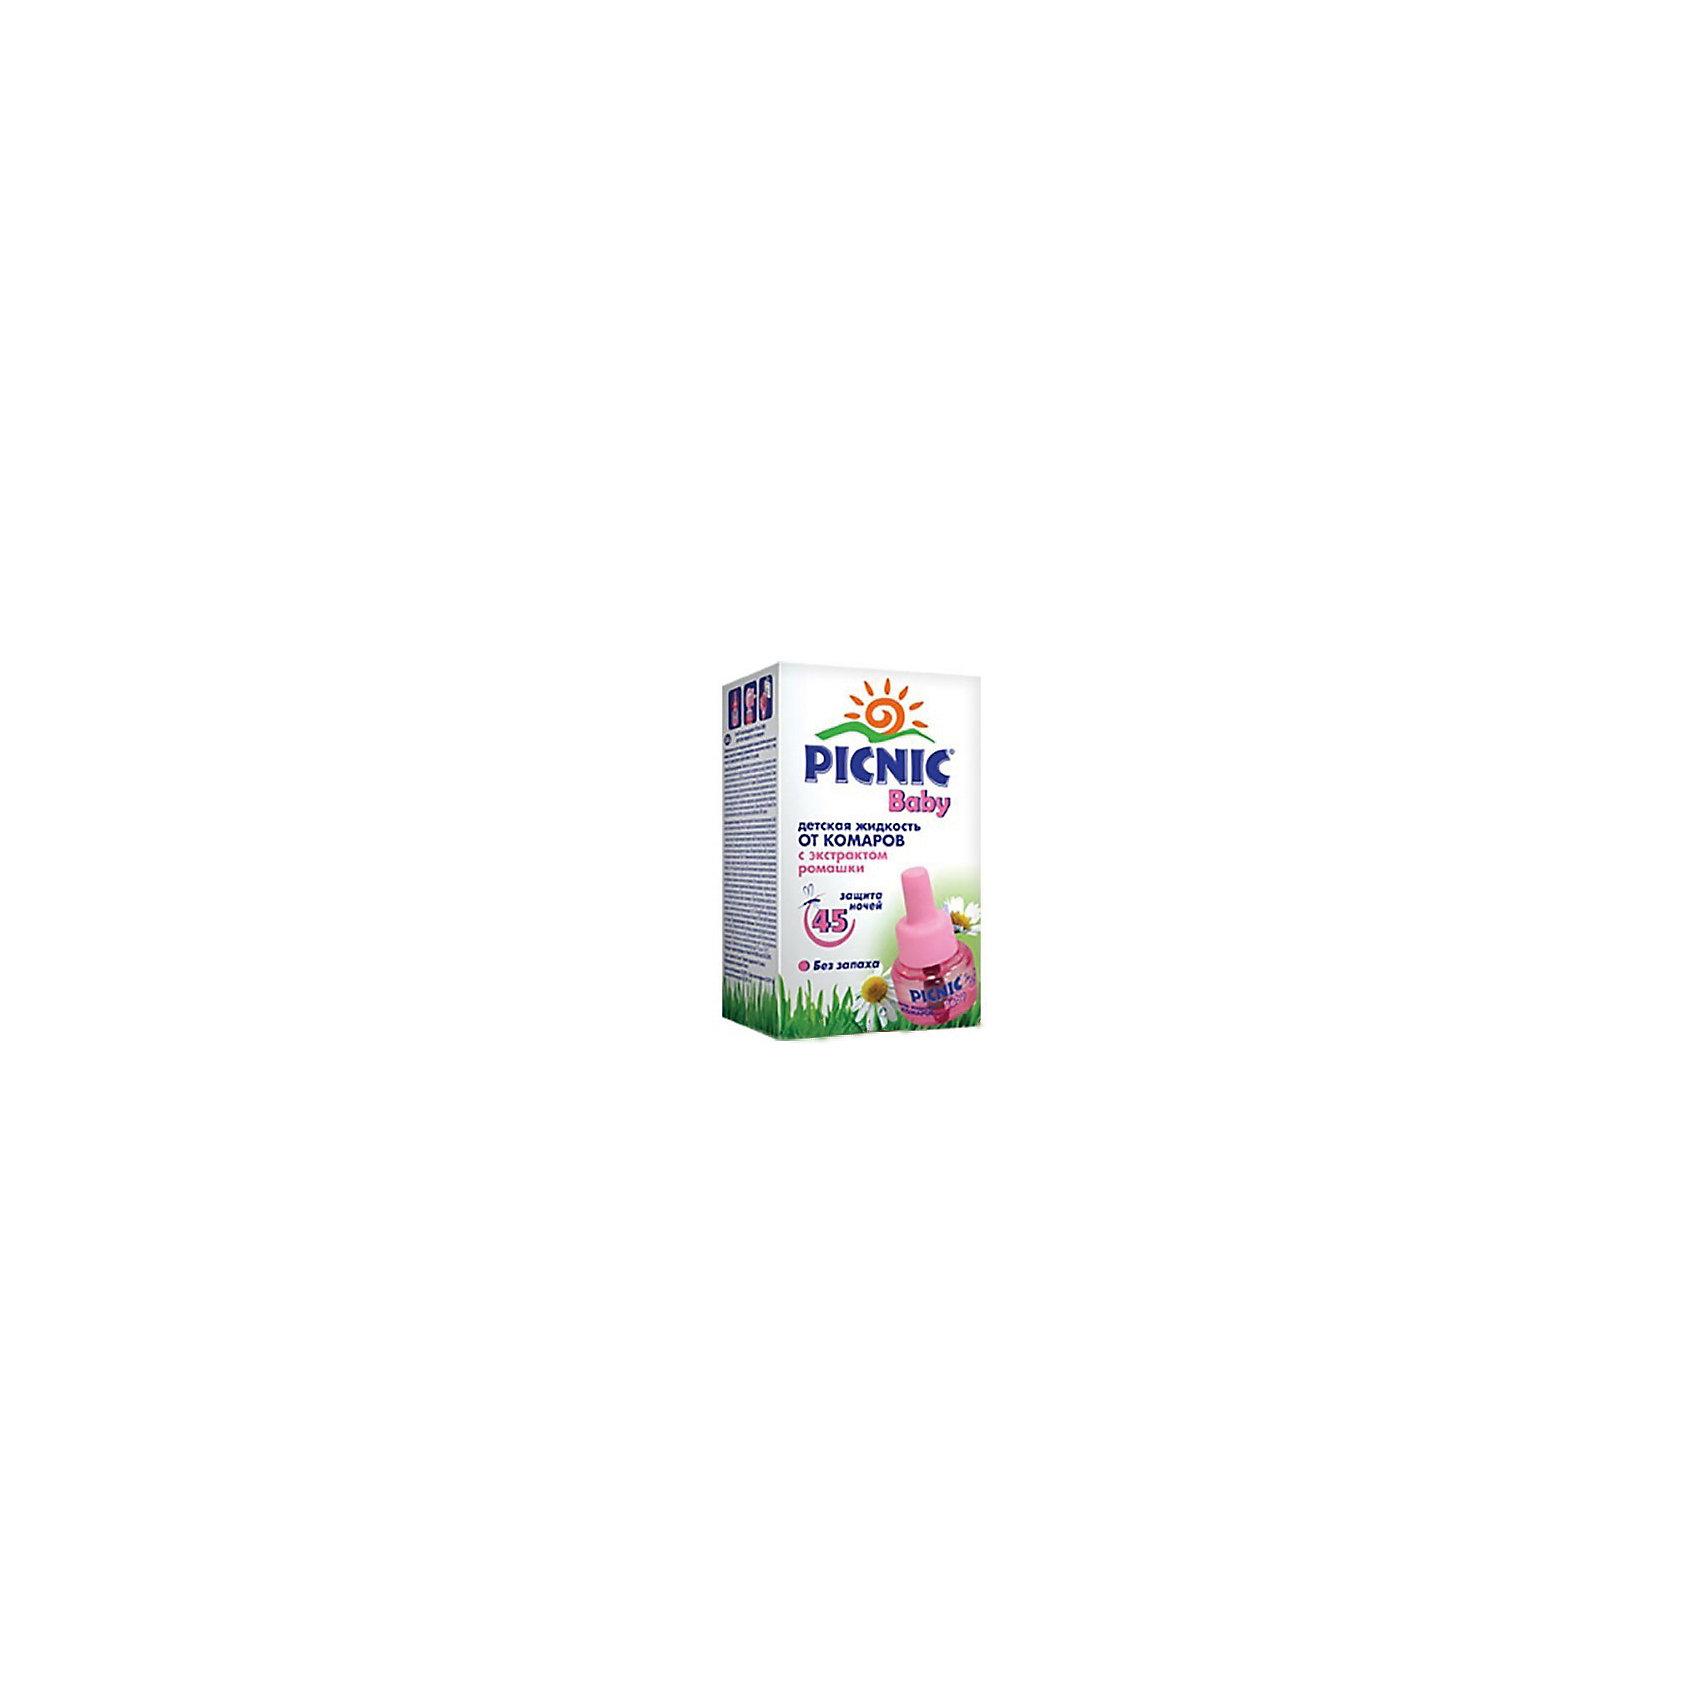 Жидкость от комаров 45 ночей, Picnic BabyСредства защиты от солнца и насекомых<br>Незаменимое средство для защиты малышей от комаров в помещений. Жидкость Picnic Baby обеспечивает эффективную и безопасную защиту от комаров в помещении на протяжении 45 ночей. Не имеет запаха. В состав действующего вещества жидкости – натуральный экстракт далматской ромашки, известный своей эффективностью против насекомых. Для уничтожения комаров и других летающих кровососущих насекомых (москитов, мошек).<br><br>Жидкость от комаров 45 ночей, Picnic Baby можно купить в нашем магазине.<br><br>Ширина мм: 48<br>Глубина мм: 48<br>Высота мм: 86<br>Вес г: 60<br>Возраст от месяцев: 0<br>Возраст до месяцев: 1188<br>Пол: Унисекс<br>Возраст: Детский<br>SKU: 4667901